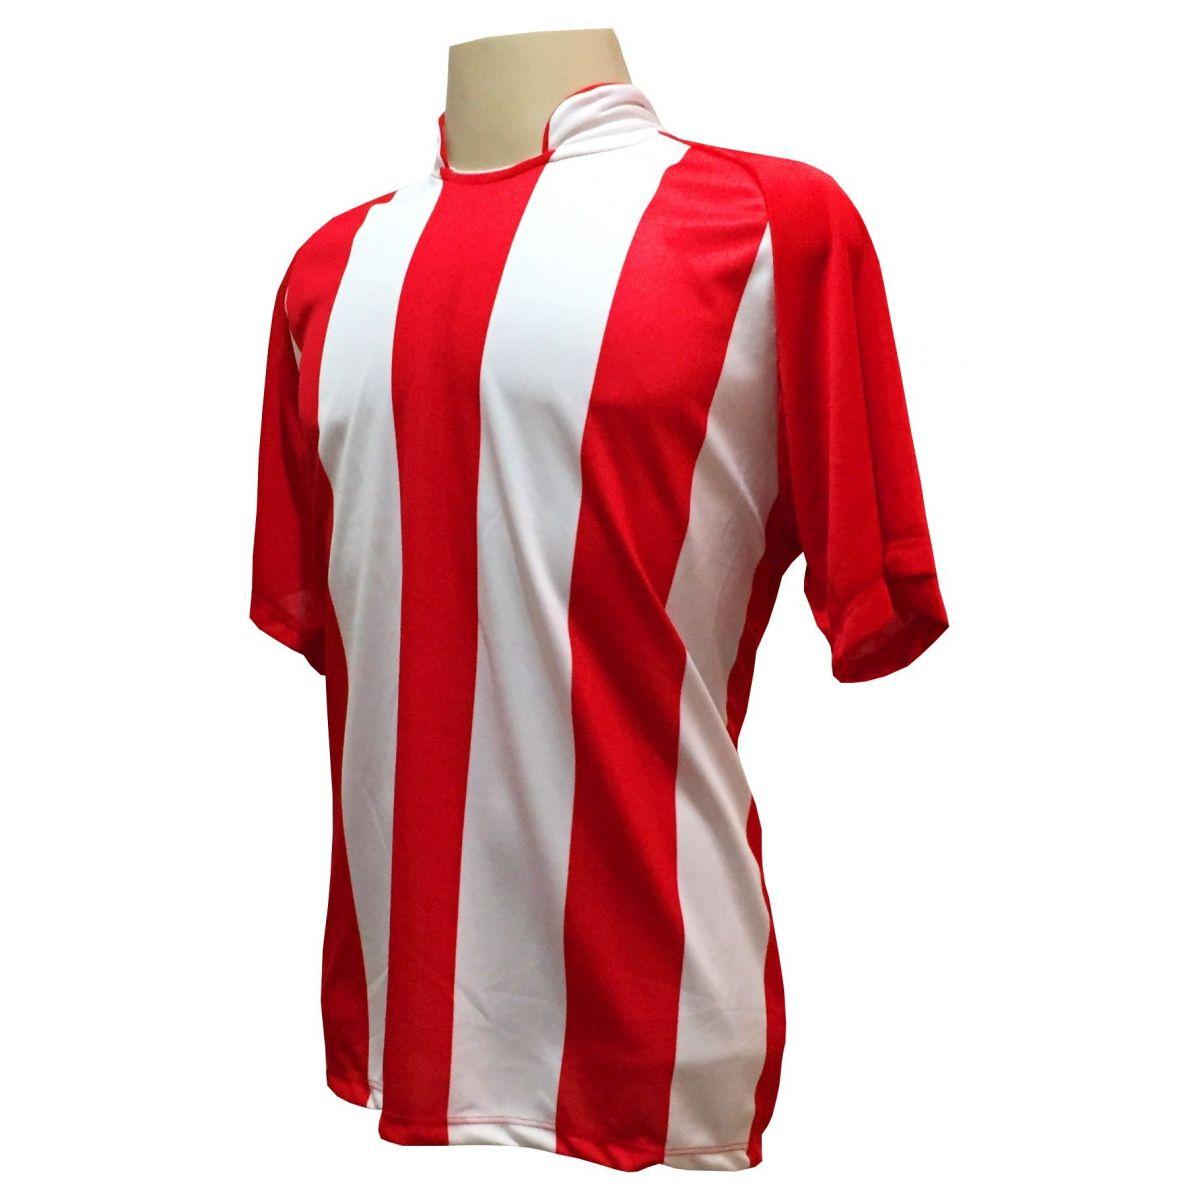 Uniforme Esportivo com 20 camisas modelo Milan Vermelho/Branco + 20 calções modelo Copa Vermelho/Branco + Brindes